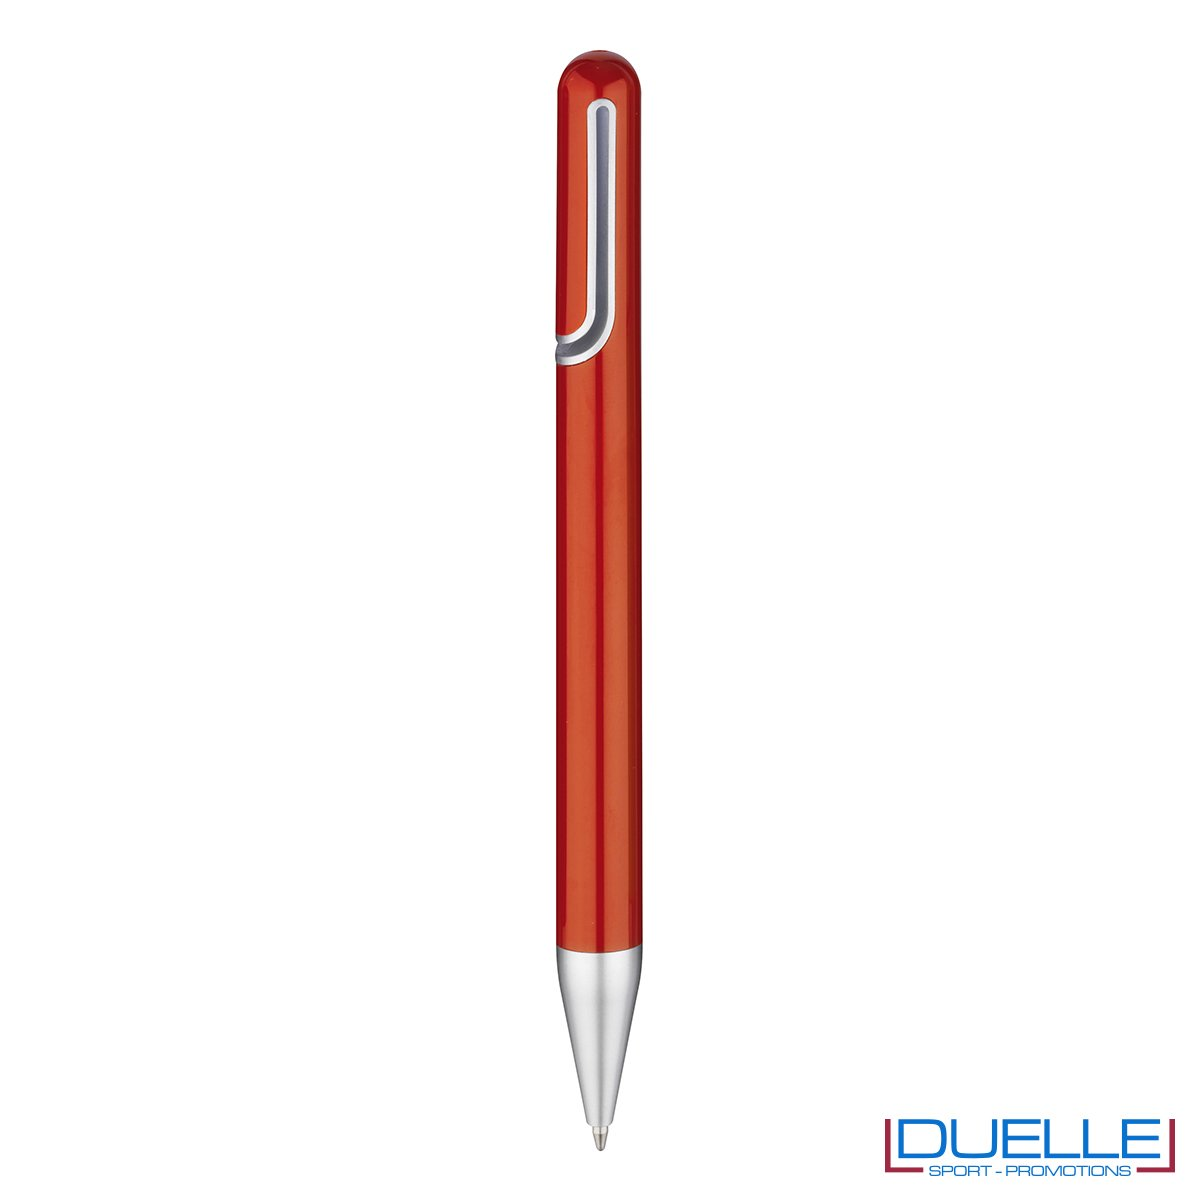 penna promozionale economica personalizzata in colore rosso, penne promozionali personalizzate rosse